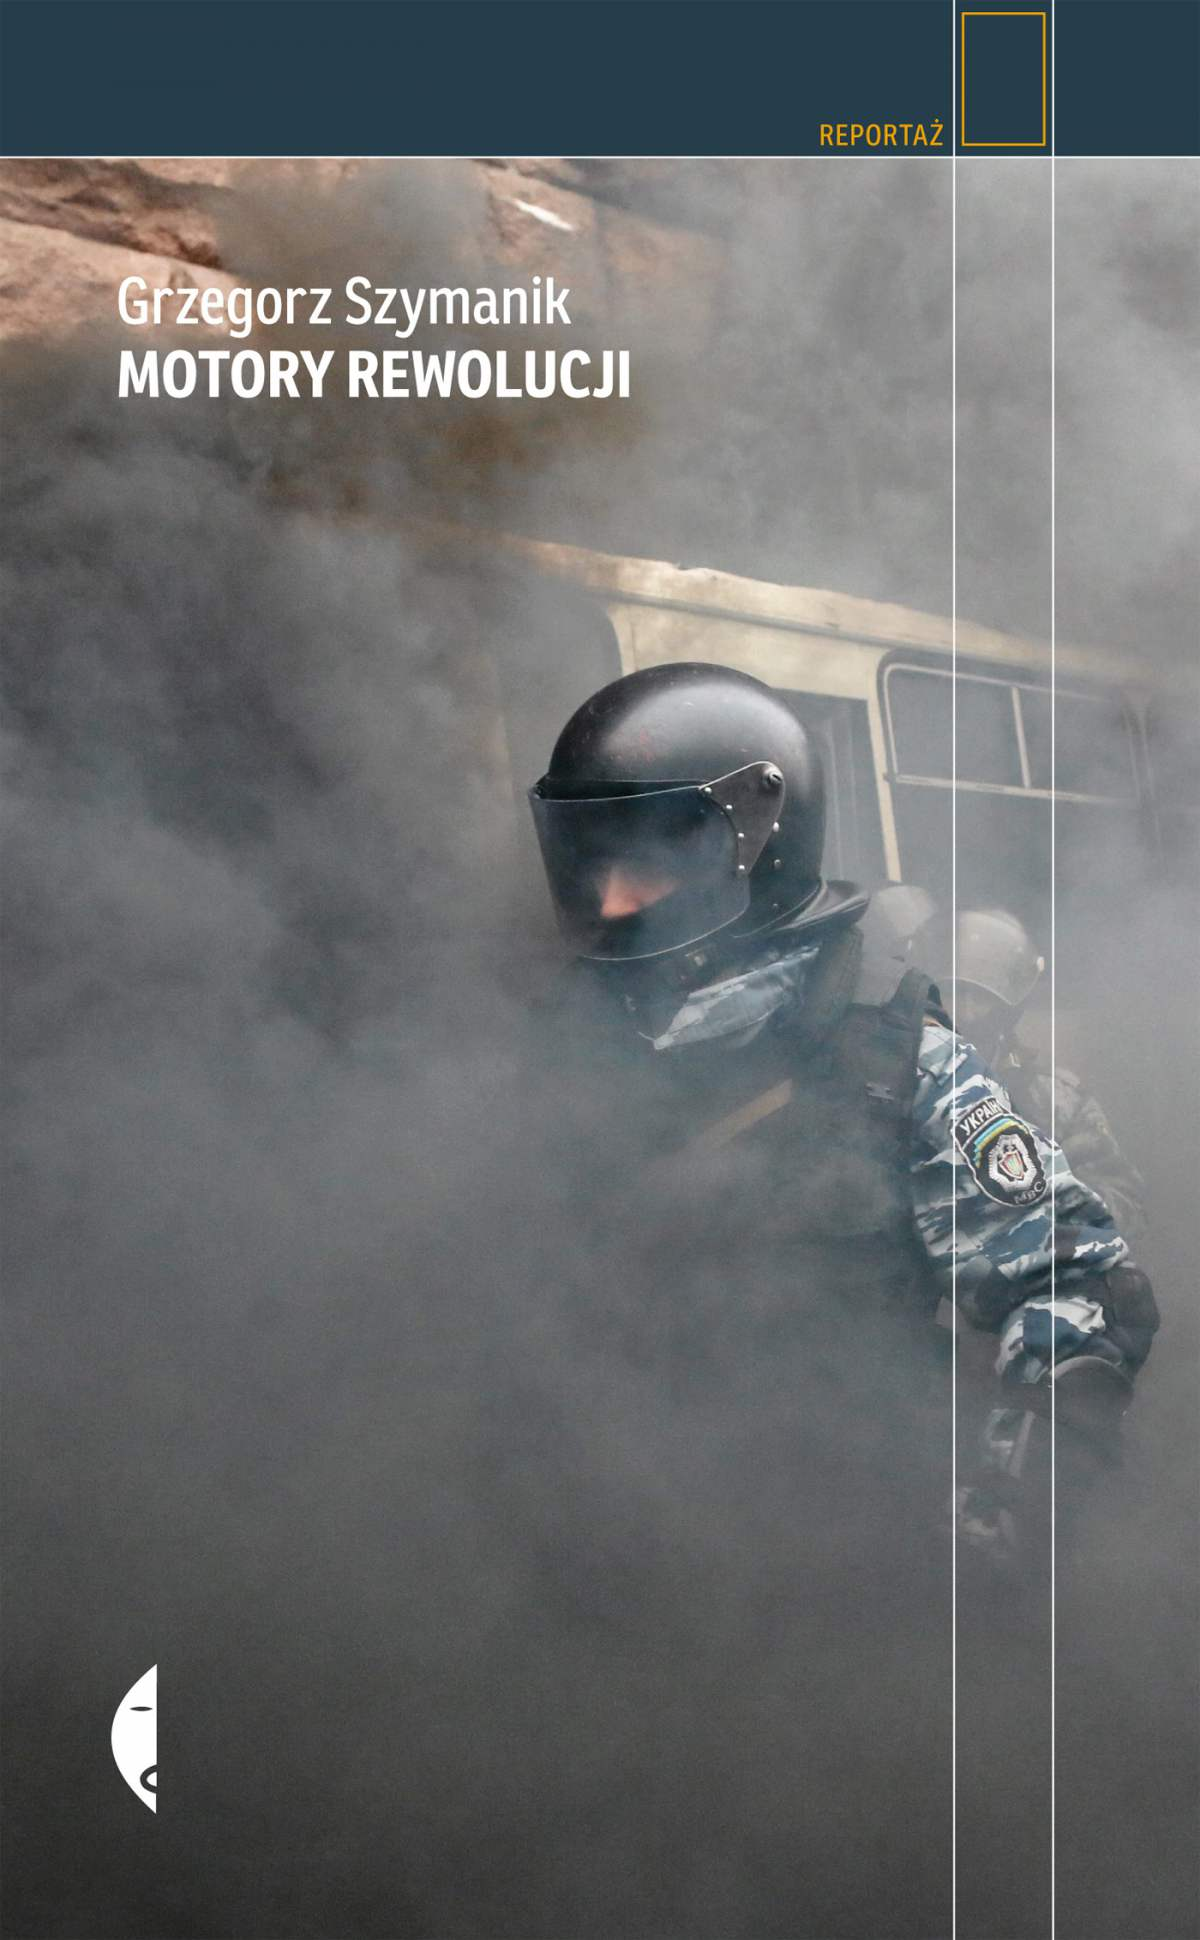 Motory rewolucji - Ebook (Książka EPUB) do pobrania w formacie EPUB